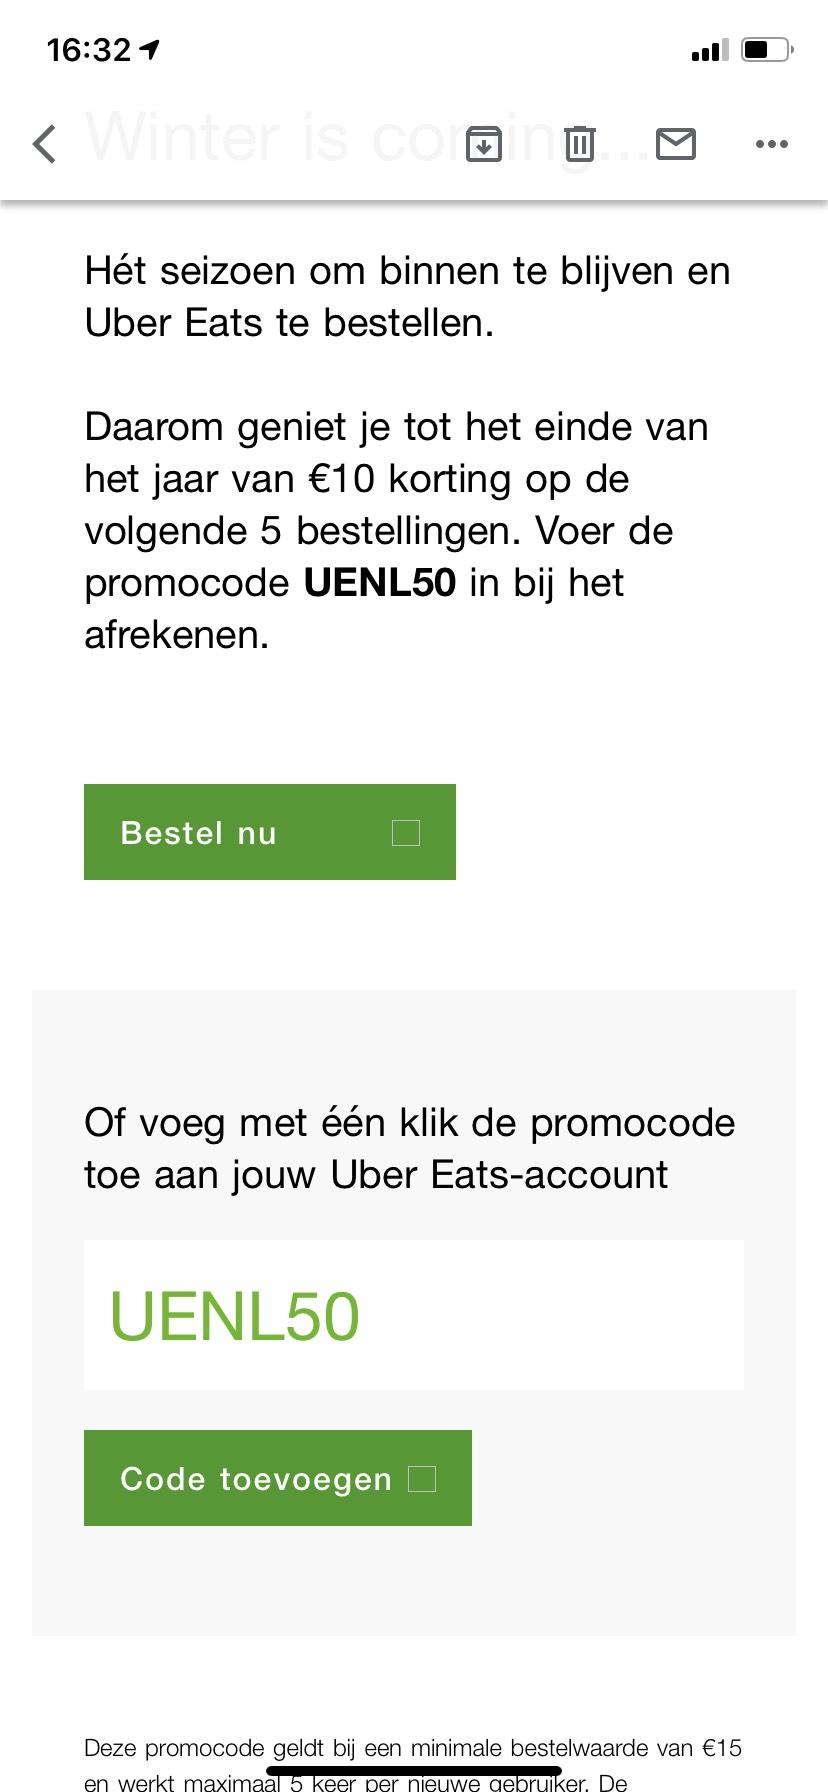 Uber eats 5x €10,- korting